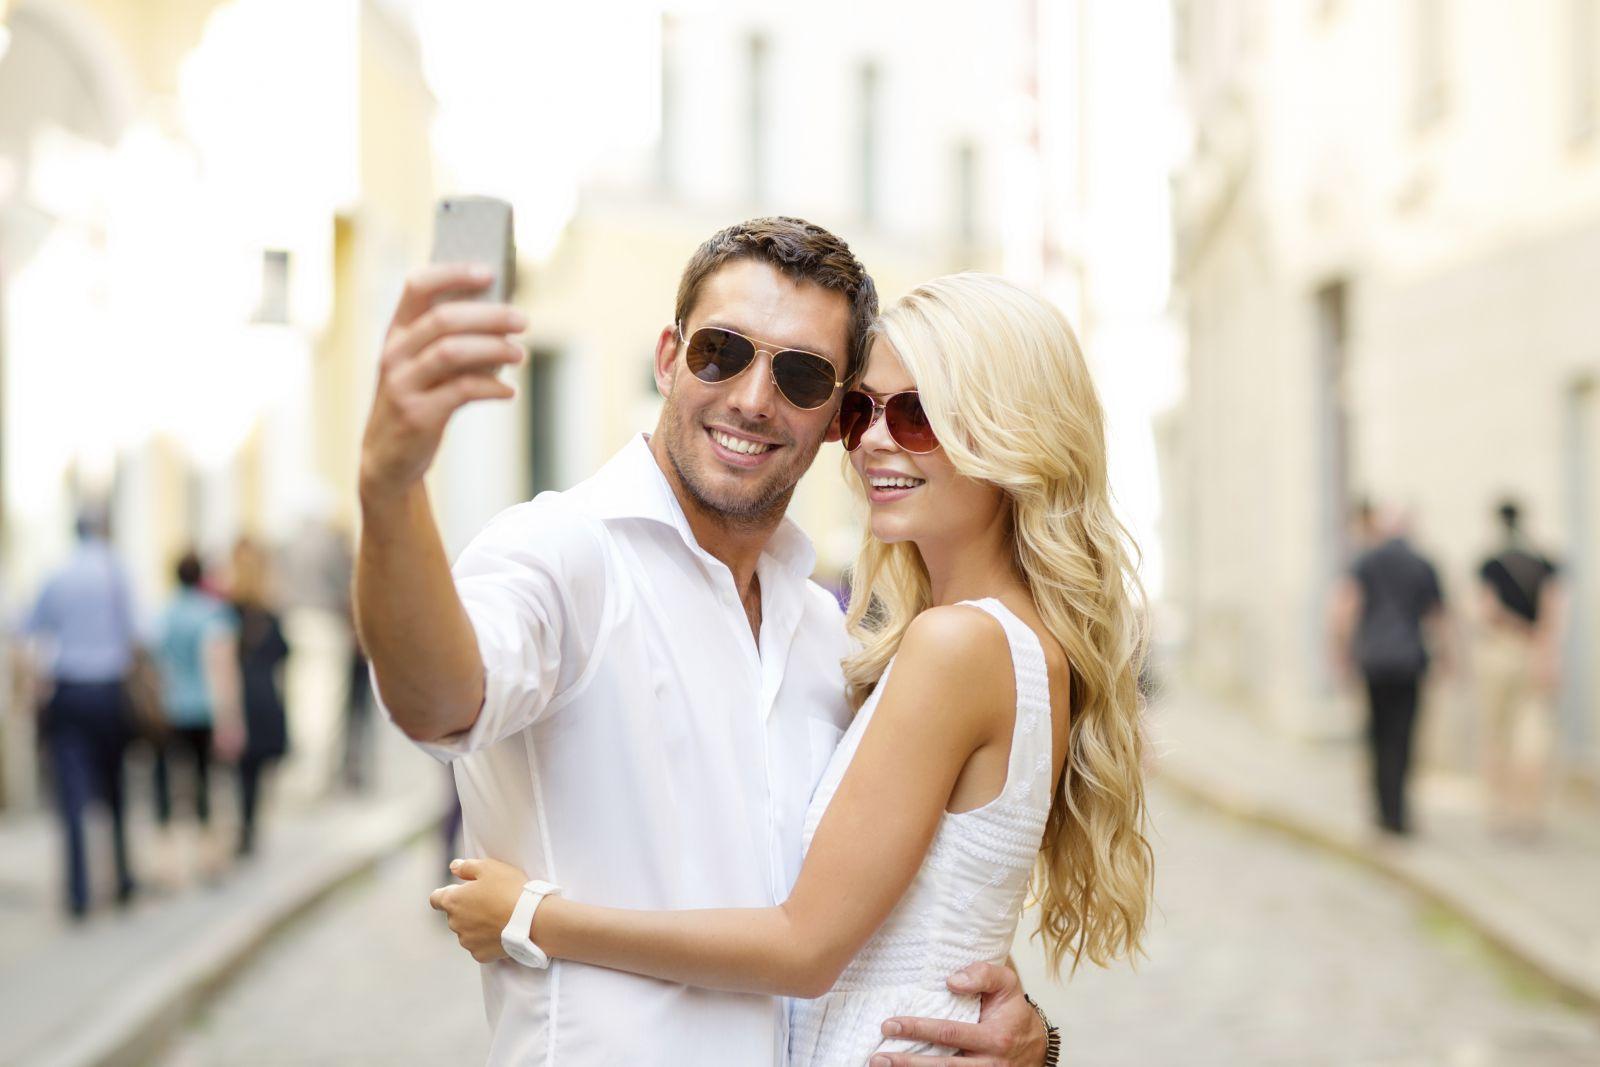 pris på dating Sider